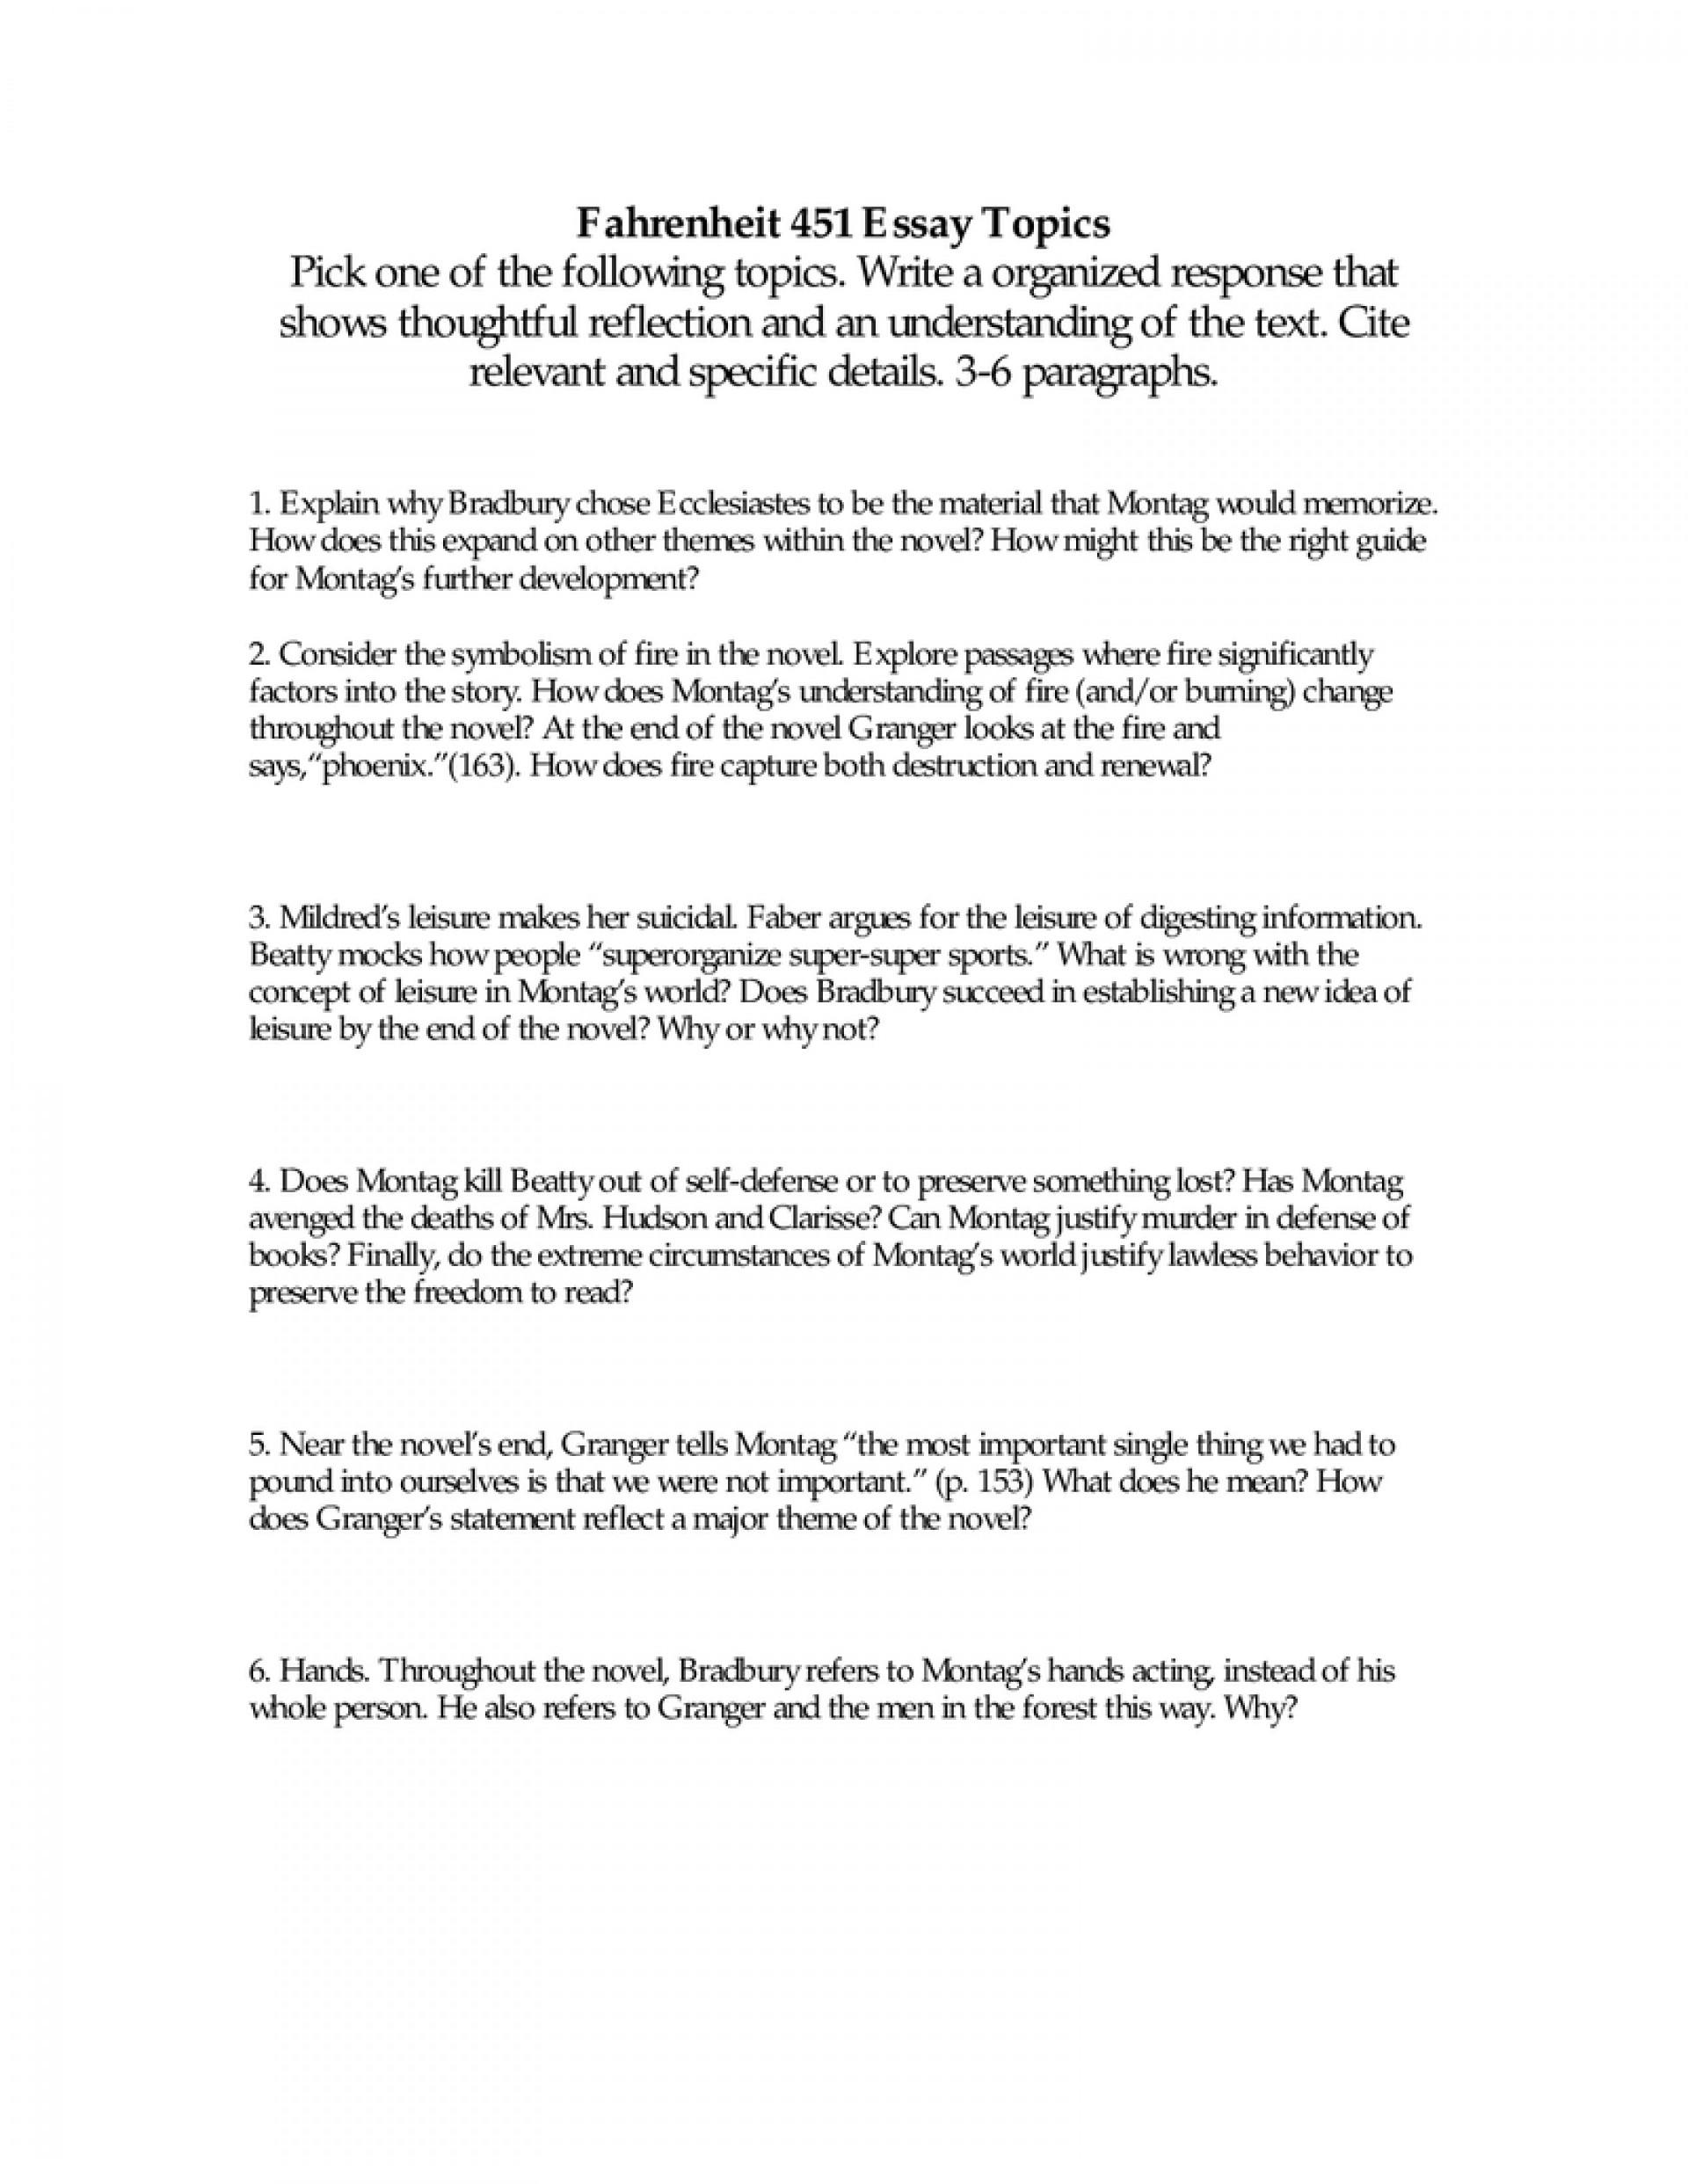 003 4th Grade Essay Topics Incredible Narrative Writing Personal Prompts 1920